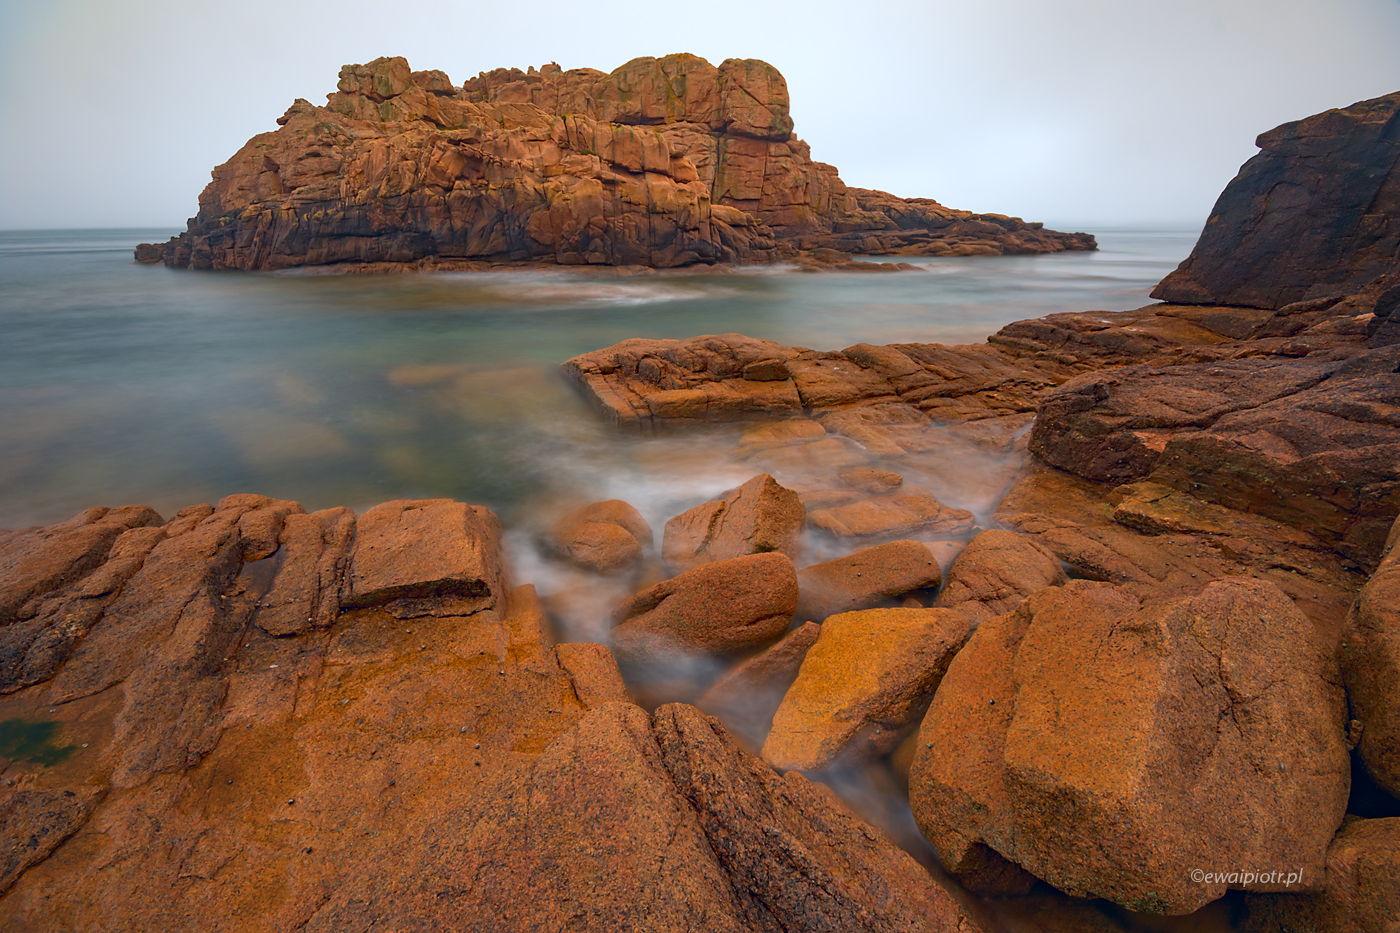 Skały i wyspa, Bretania, jak nauczyć się fotografować